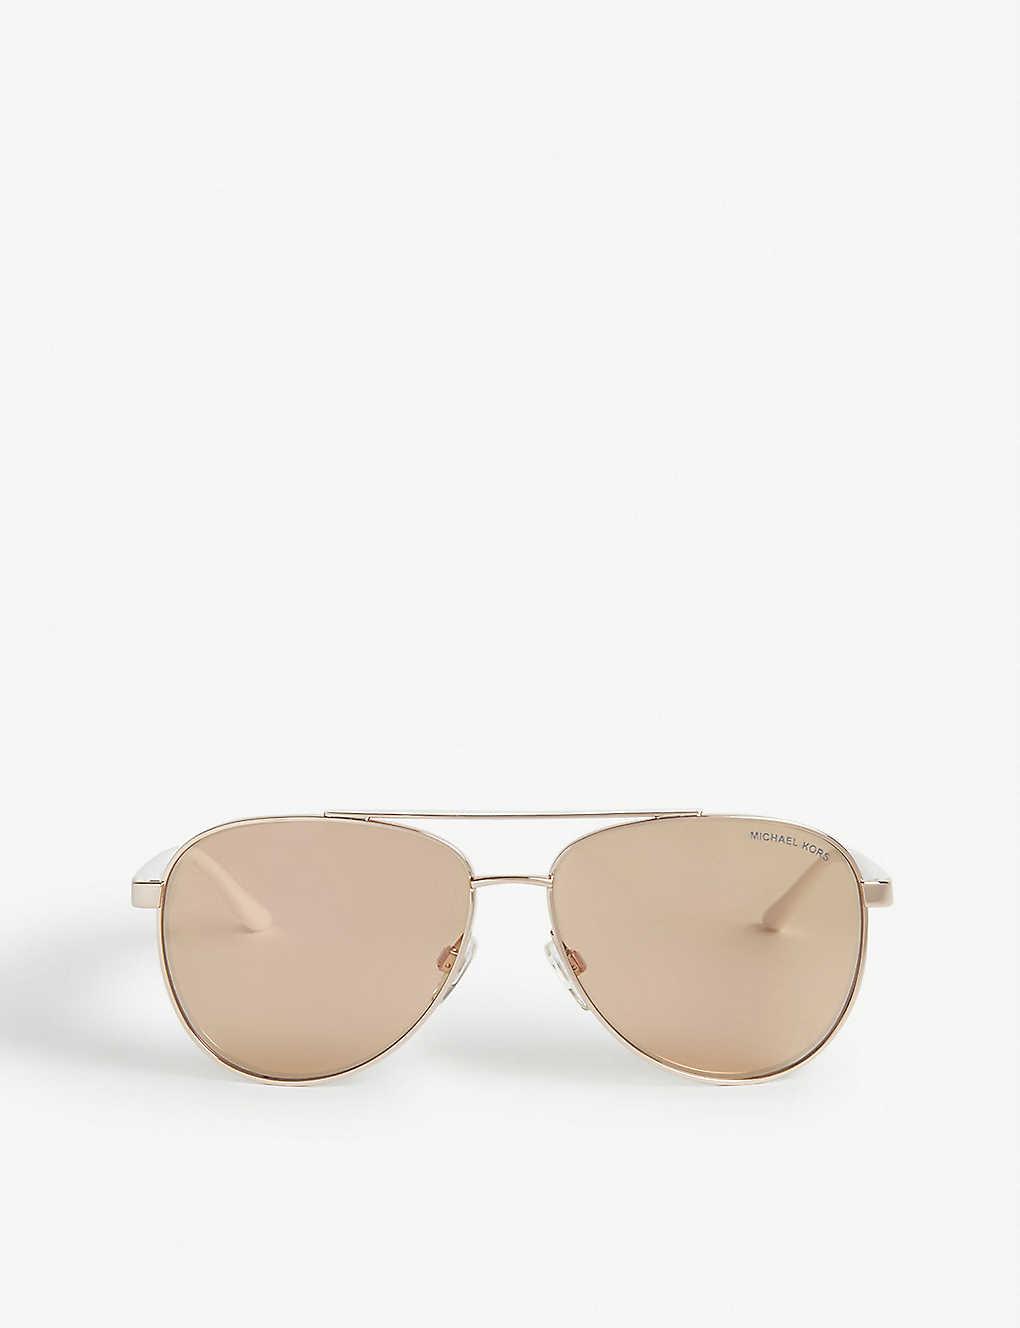 baefcbbecc MICHAEL KORS - Mk5007 Hvar aviator sunglasses